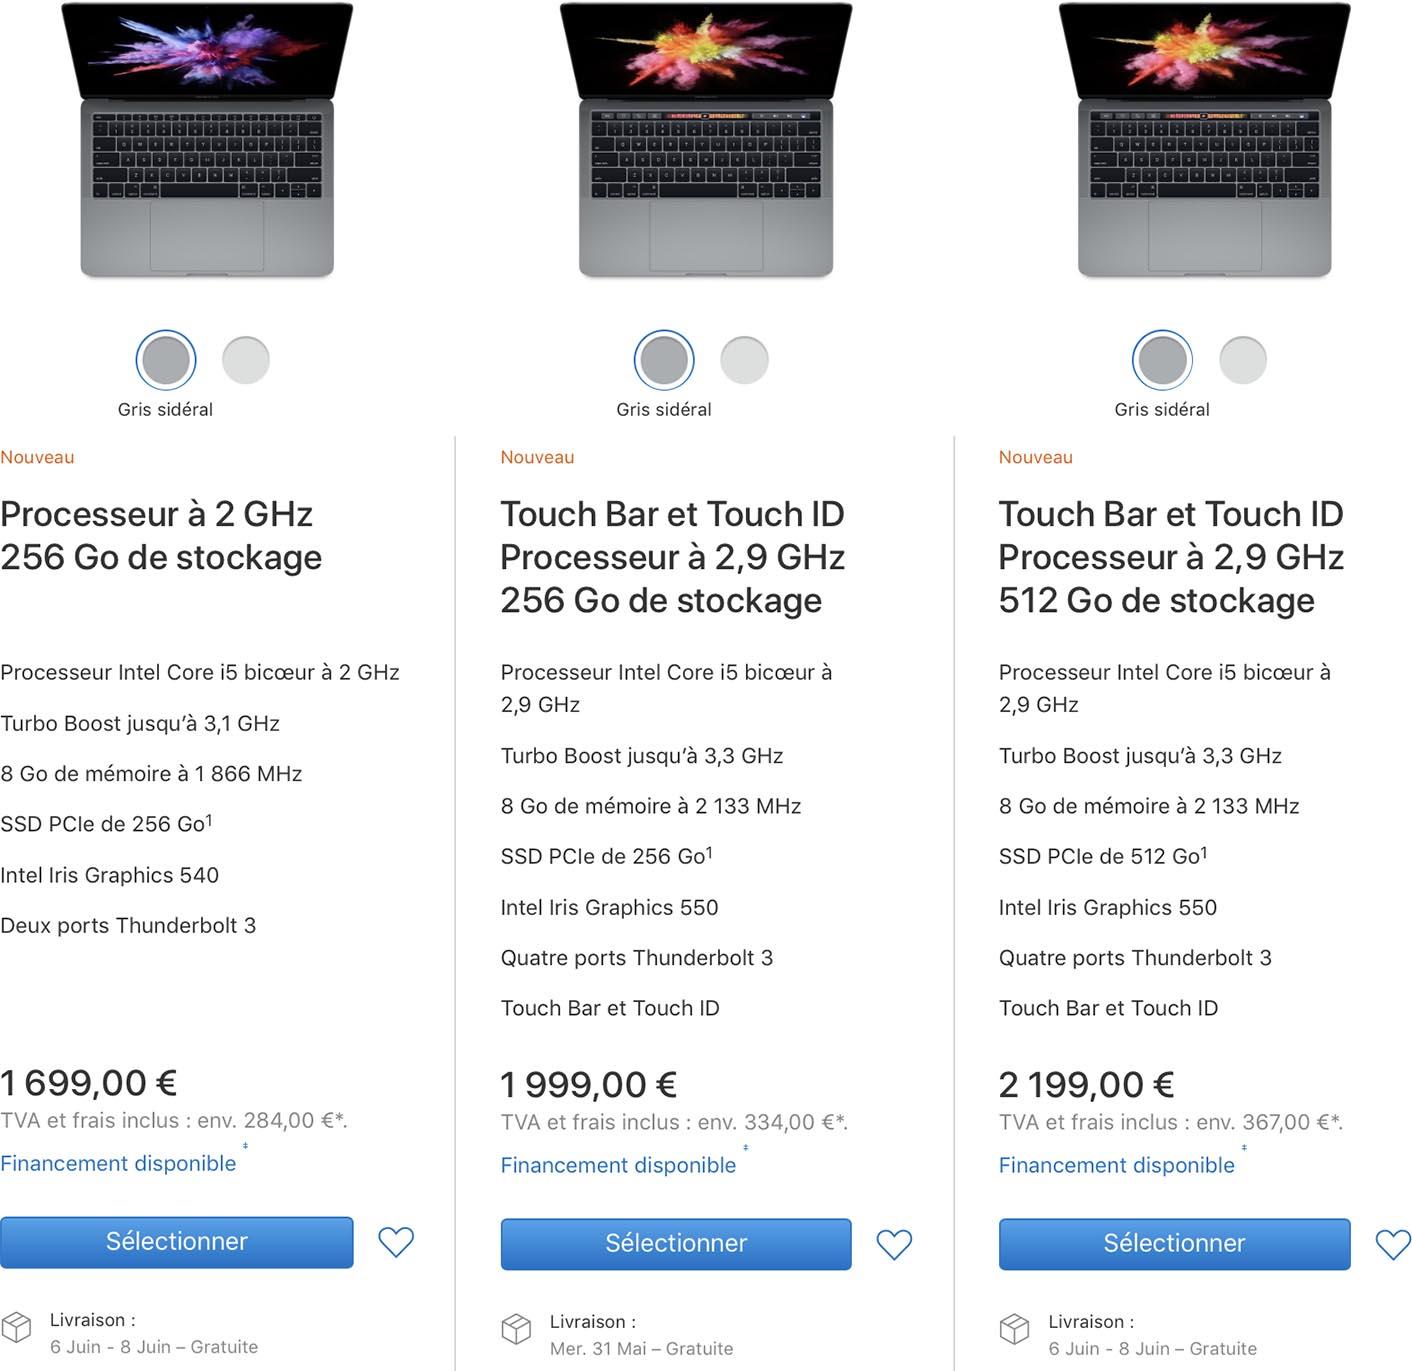 MacBook Pro 2016 délais en hausse